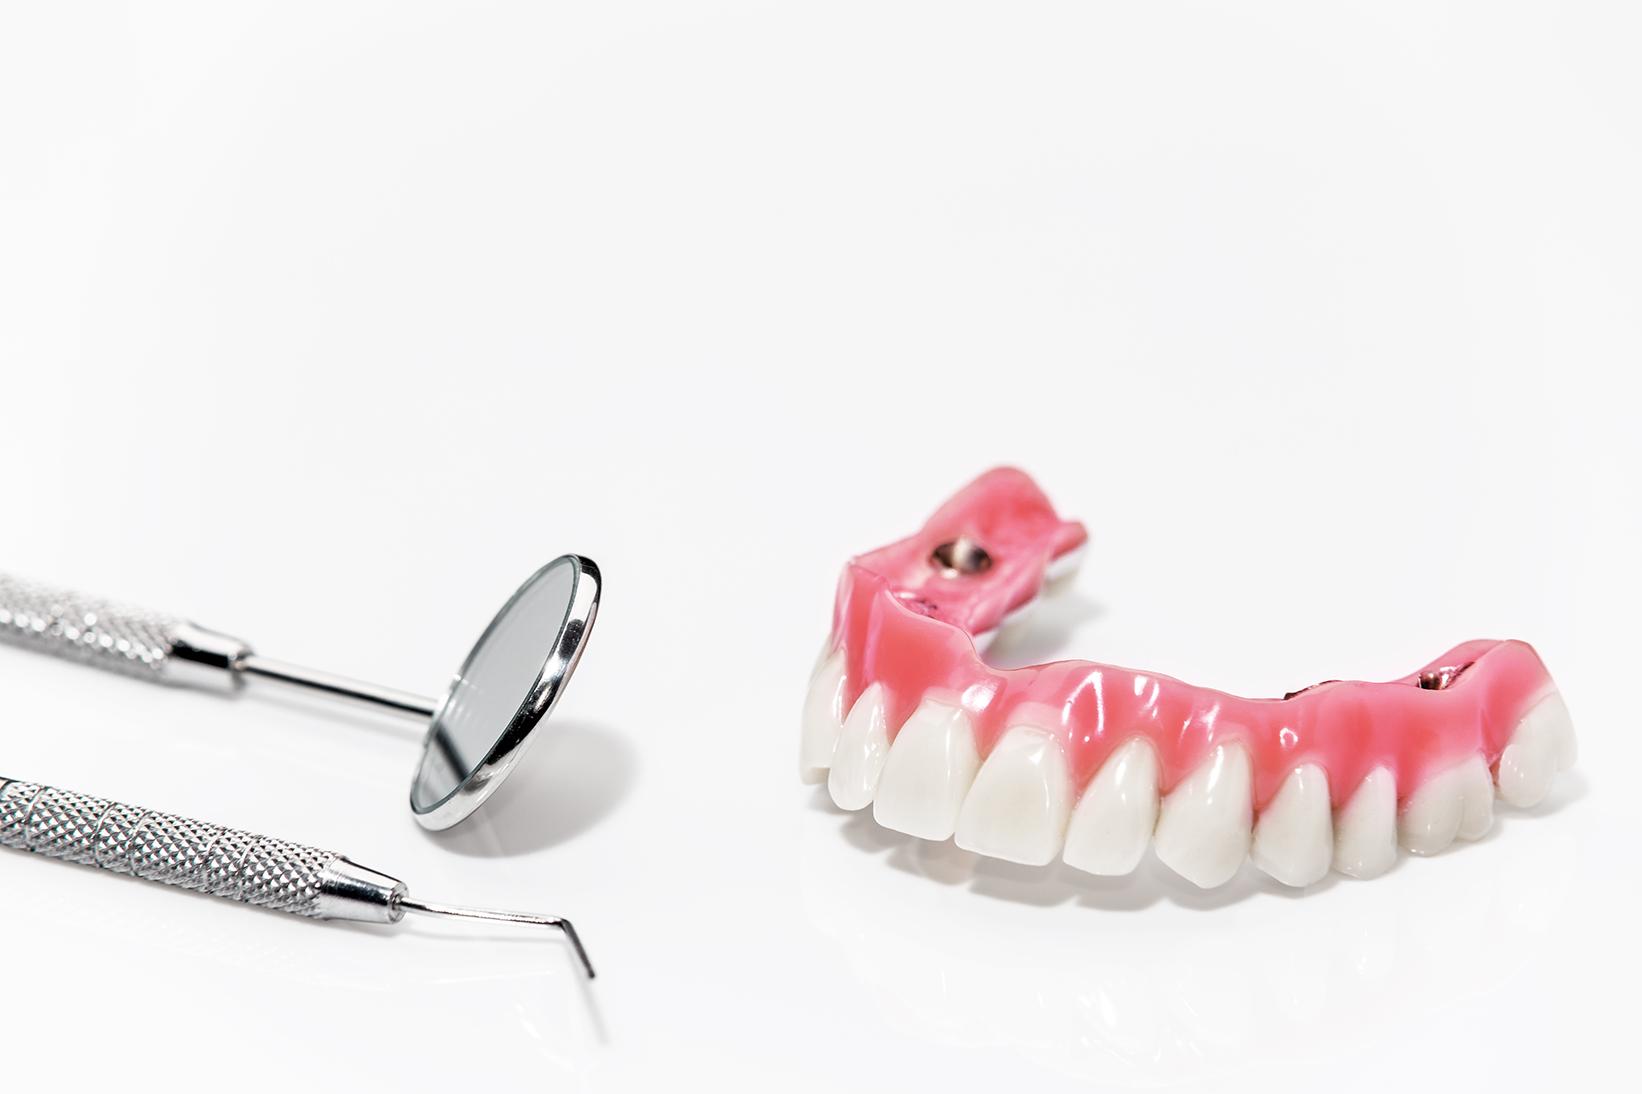 Implantat getragener Zahnersatz